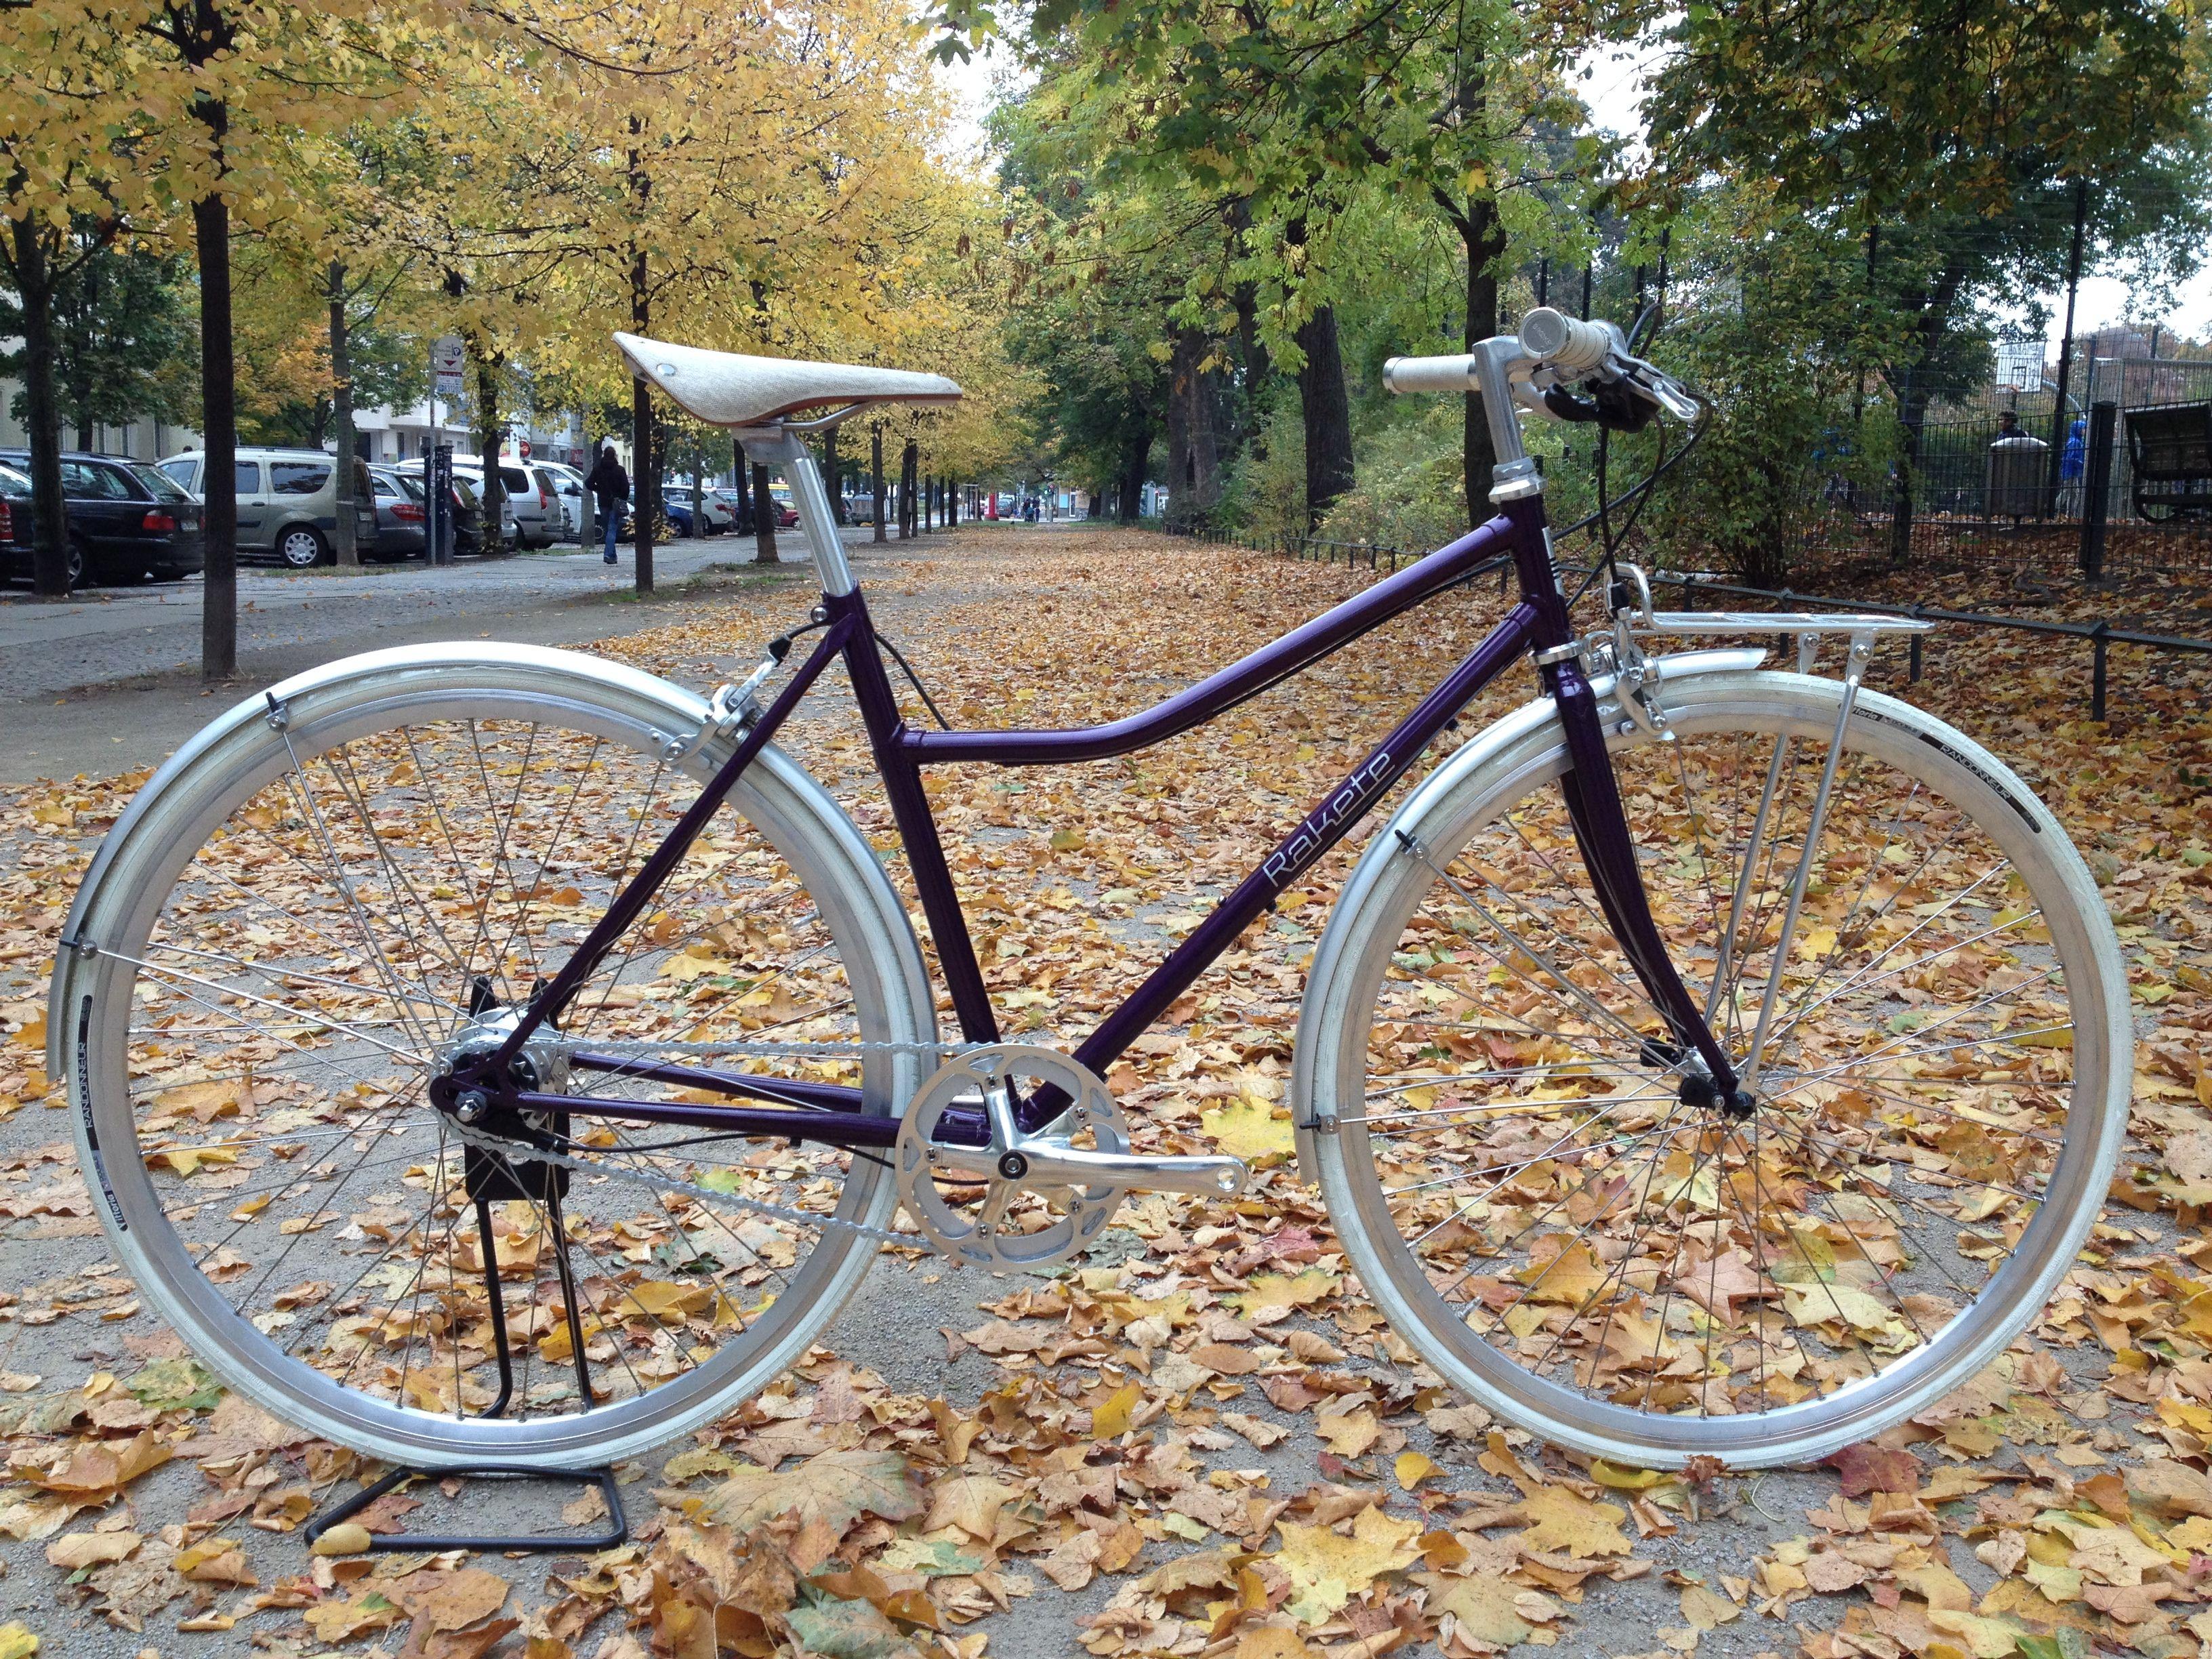 Klassisches Damensportrad Meral Fahrrad Design Rakete Fahrrad